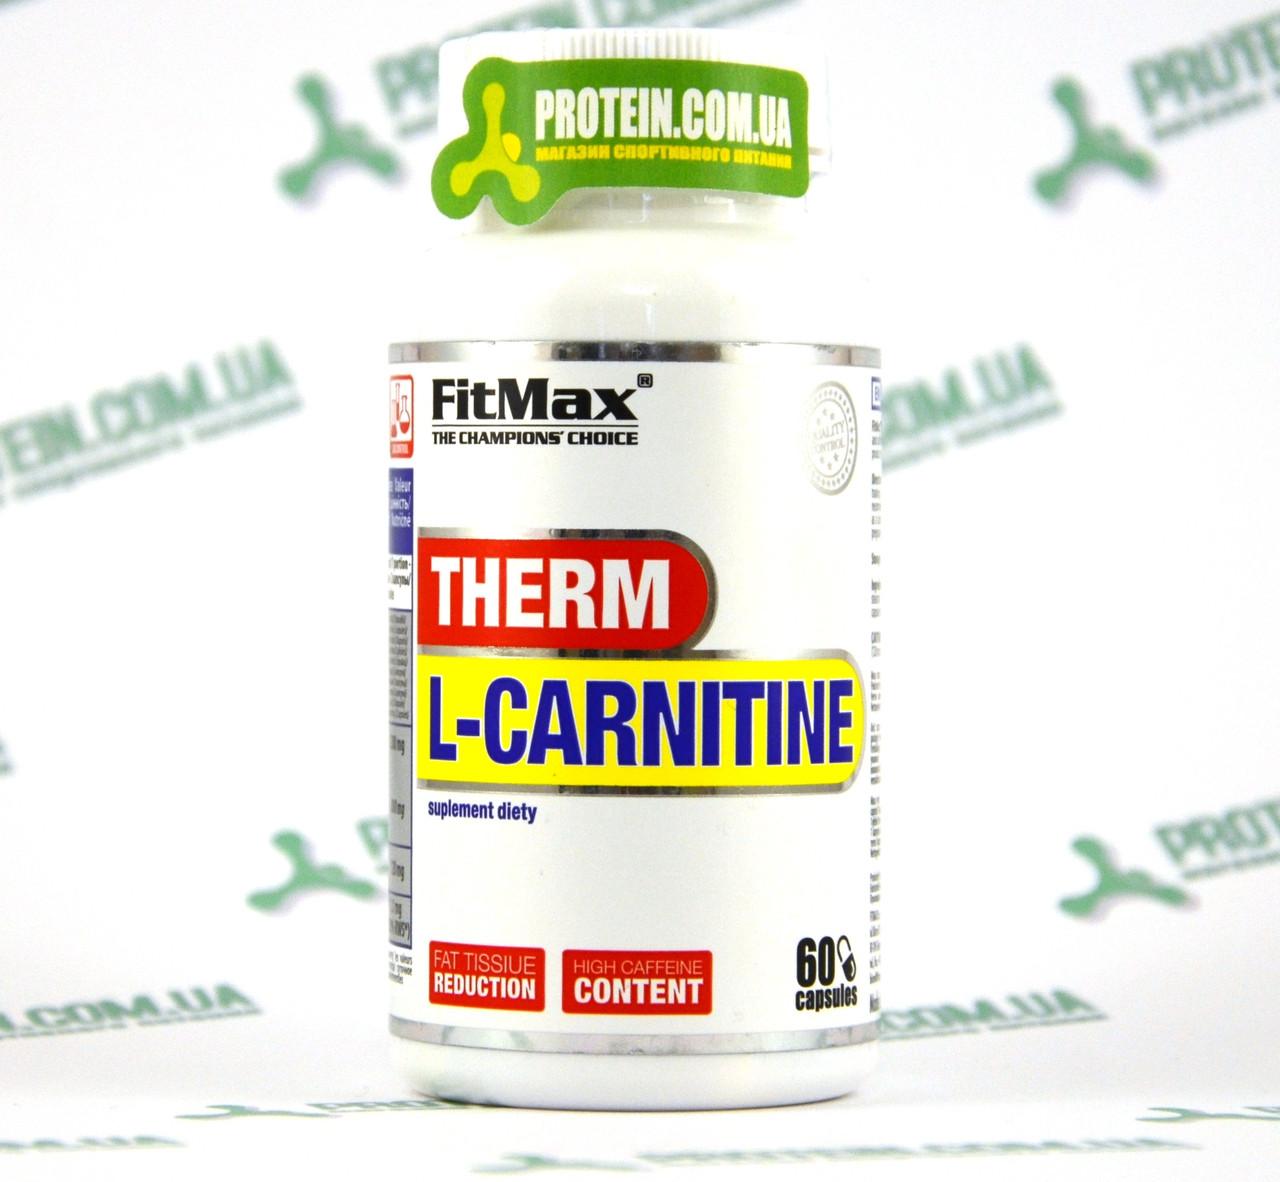 СРОКИ 05.21!!! Жиросжигатель FitMax Therm L-Carnitine 60 к